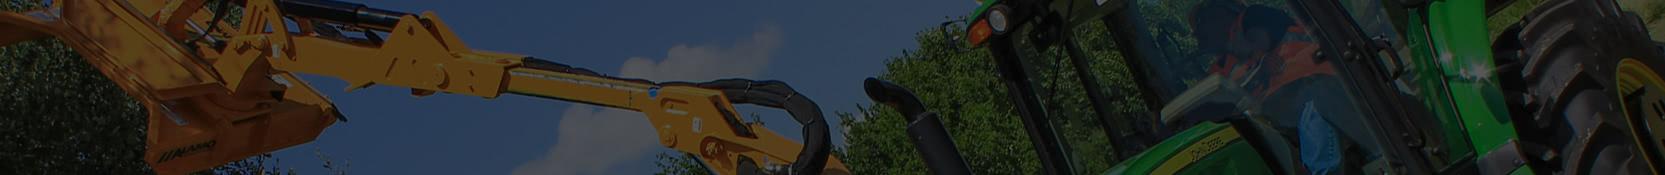 John Deere Dealer | Landscape Supply | Stihl | Everglades